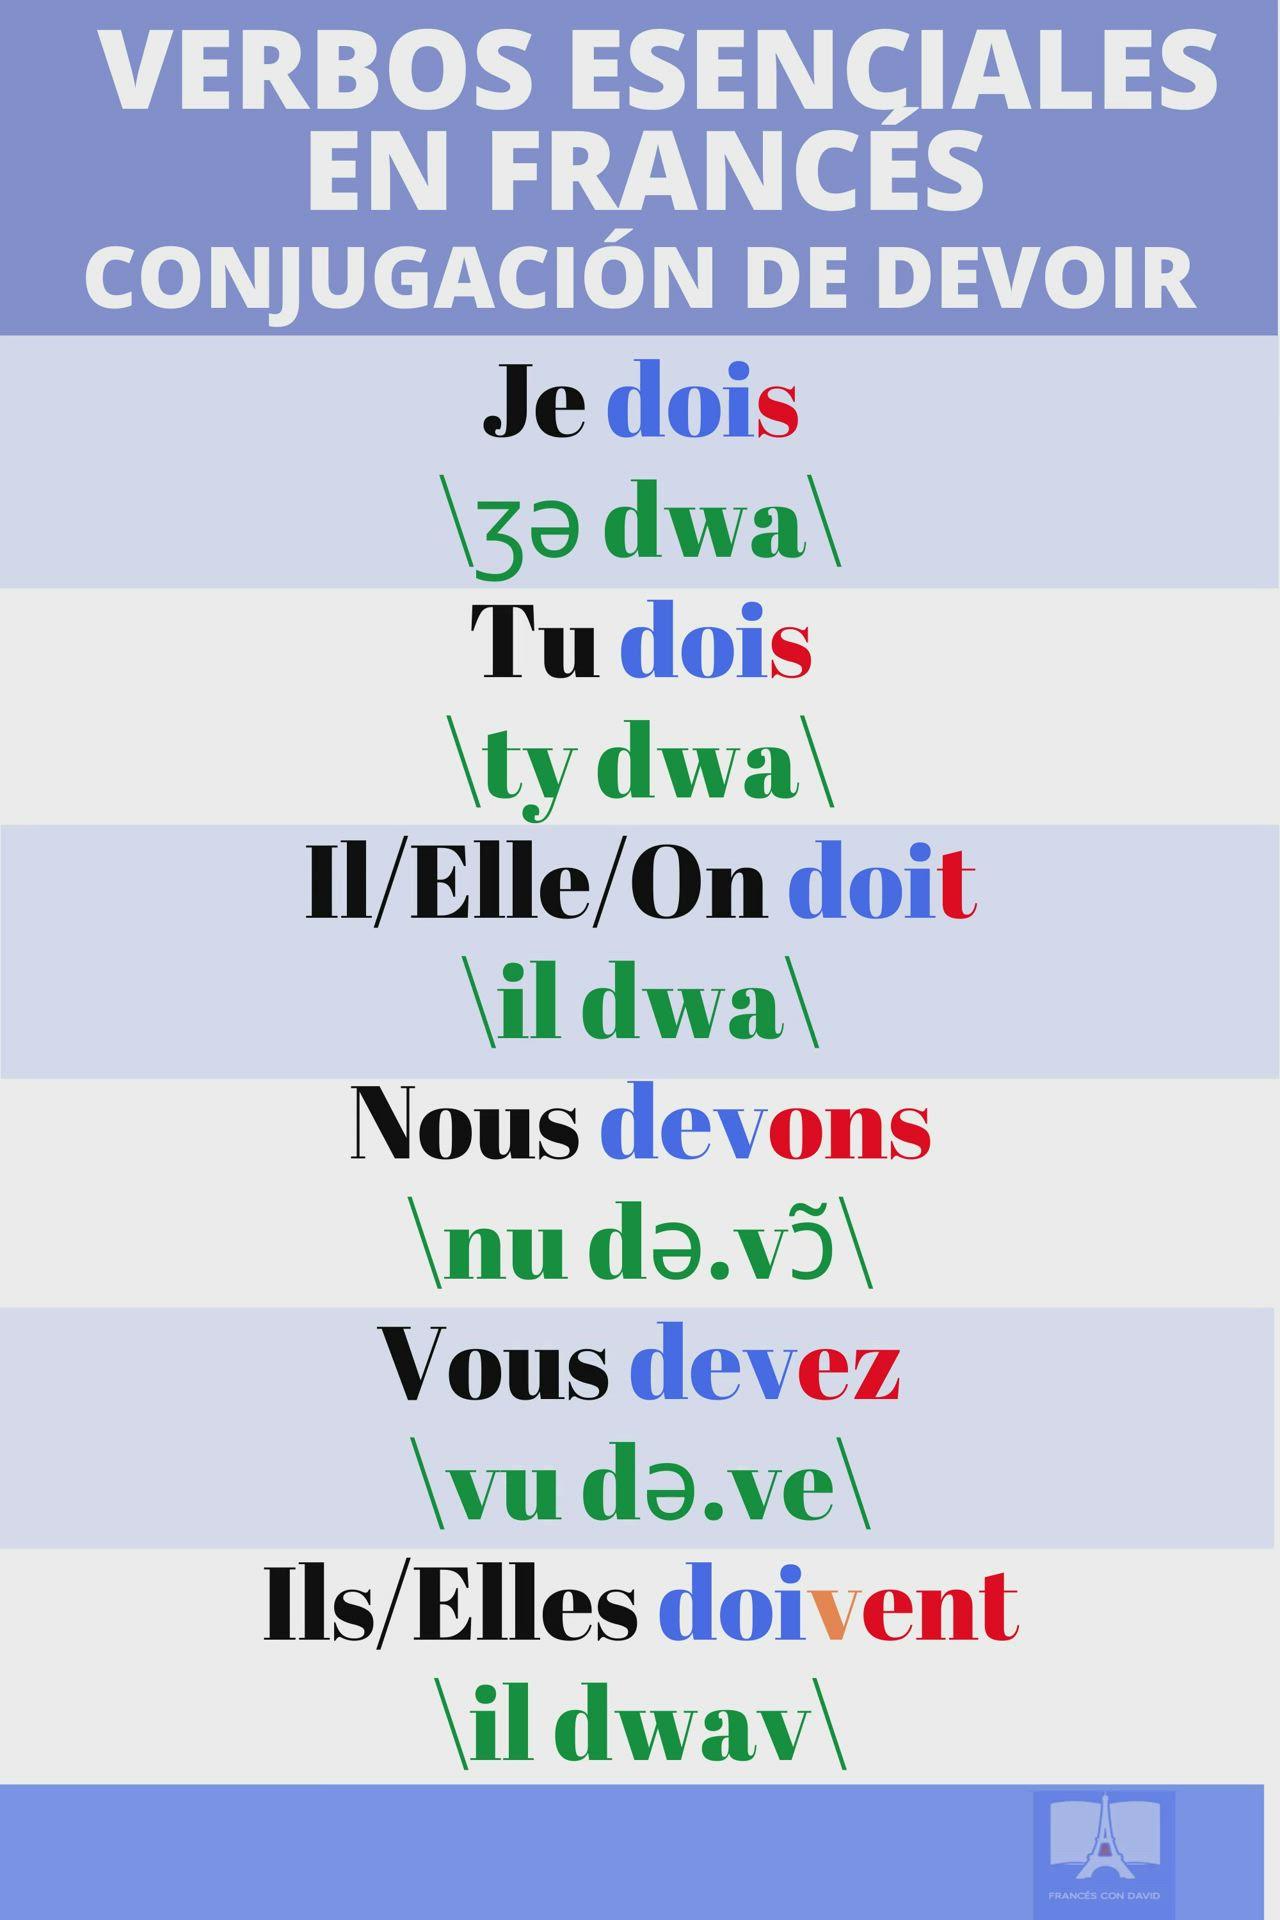 Cómo Conjugar El Verbo Devoir Tercer Grupo En Francés Audio Apréndete Las 3 Bases Video En 2021 Aprender Francés Verbos Lecciones Aprendidas